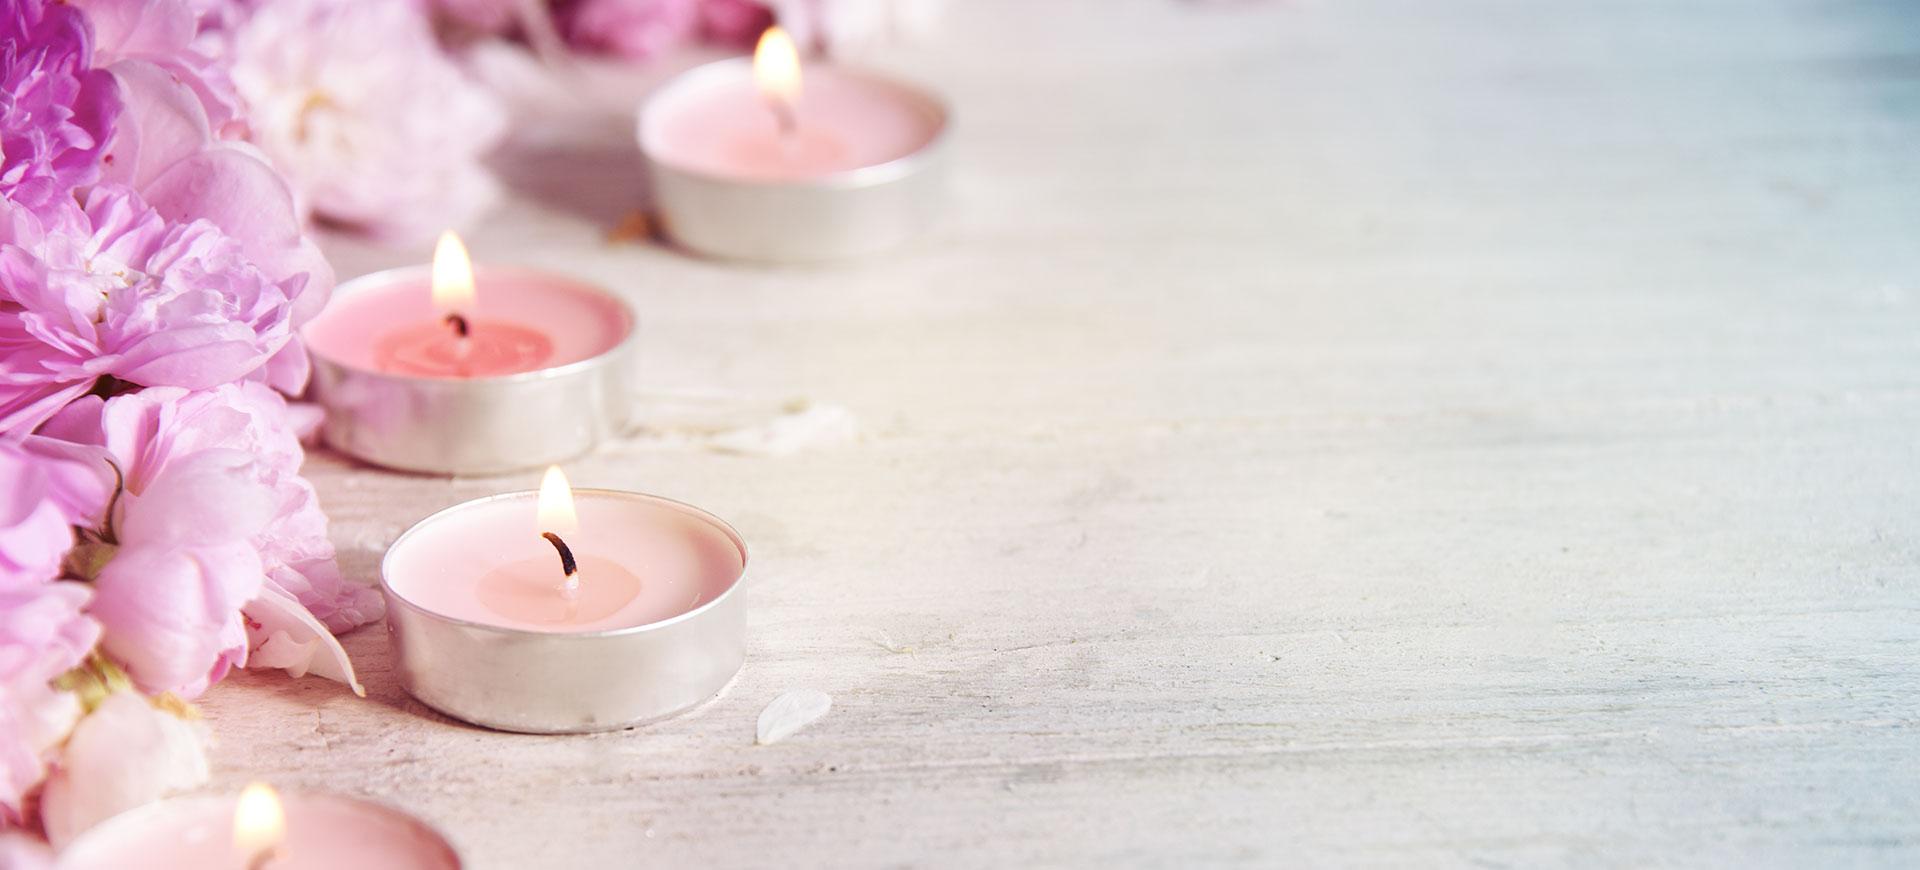 Slide_flower_candle